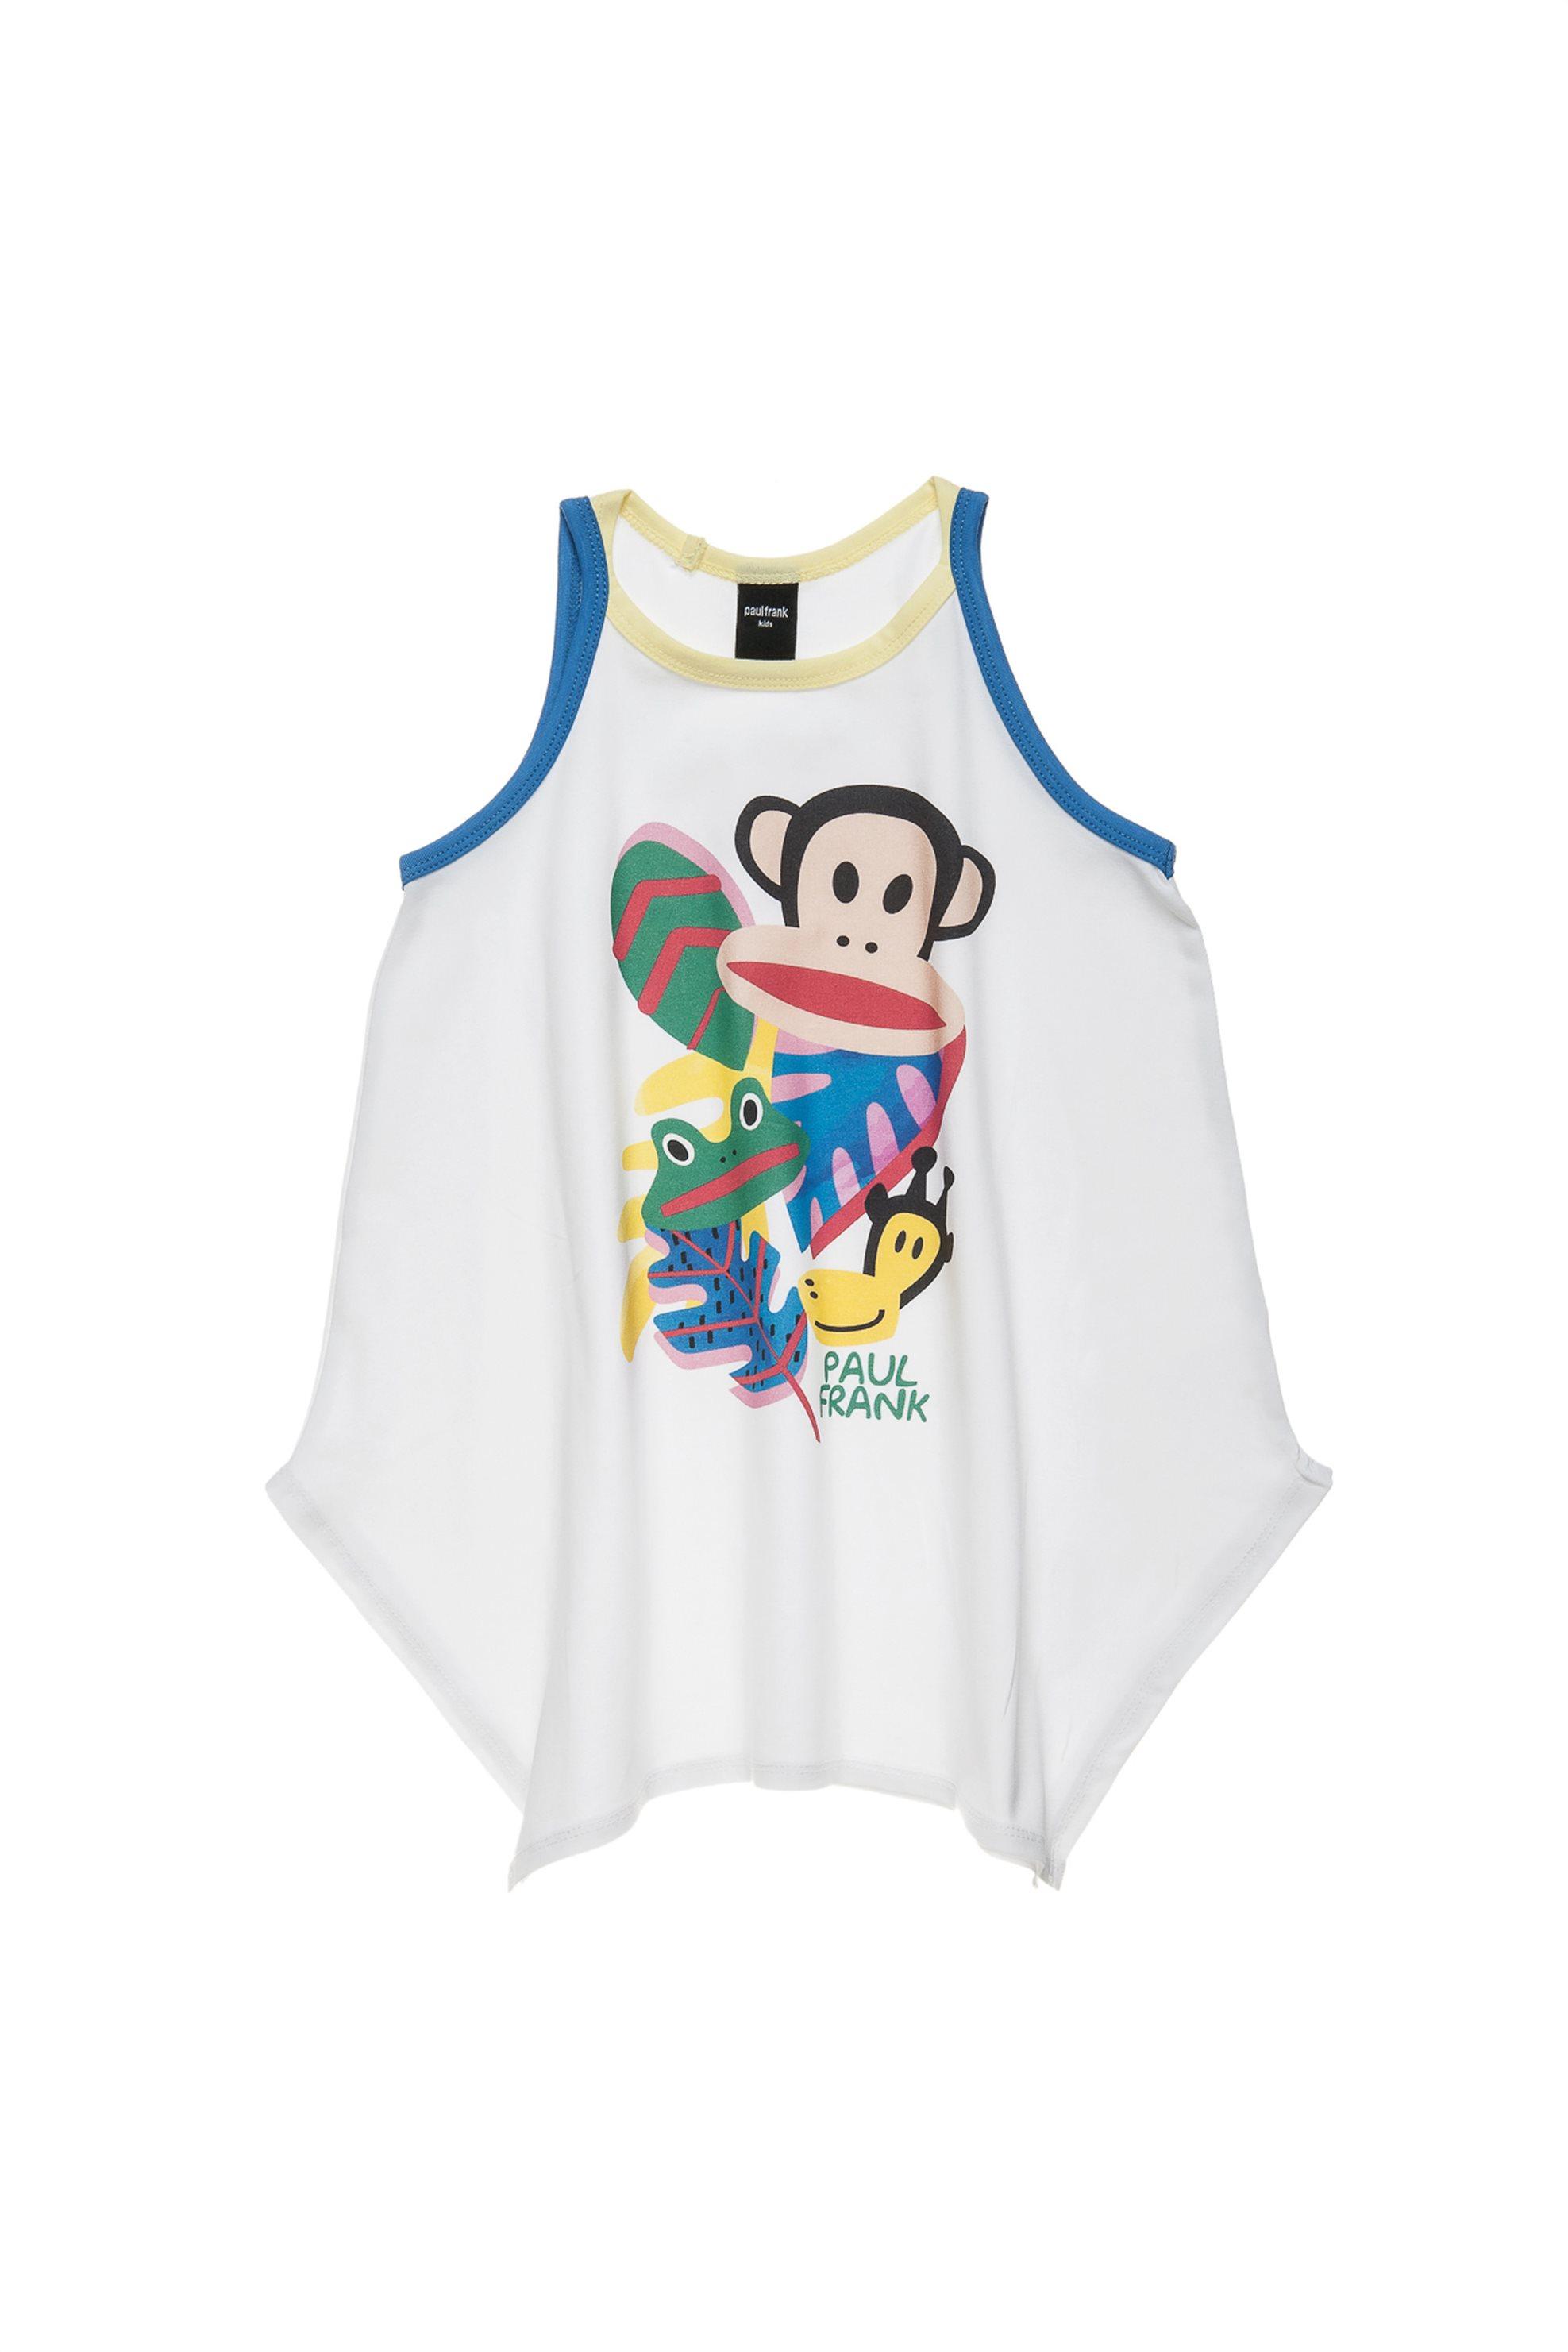 Παιδική αμάνικη μπλούζα (6-16 ετών) Paul Frank Collection - 00151561 - Λευκό παιδι   κοριτσι   4 14 ετων   tops   παντελόνια   μπλούζες   πουκάμισα   μπλούζε